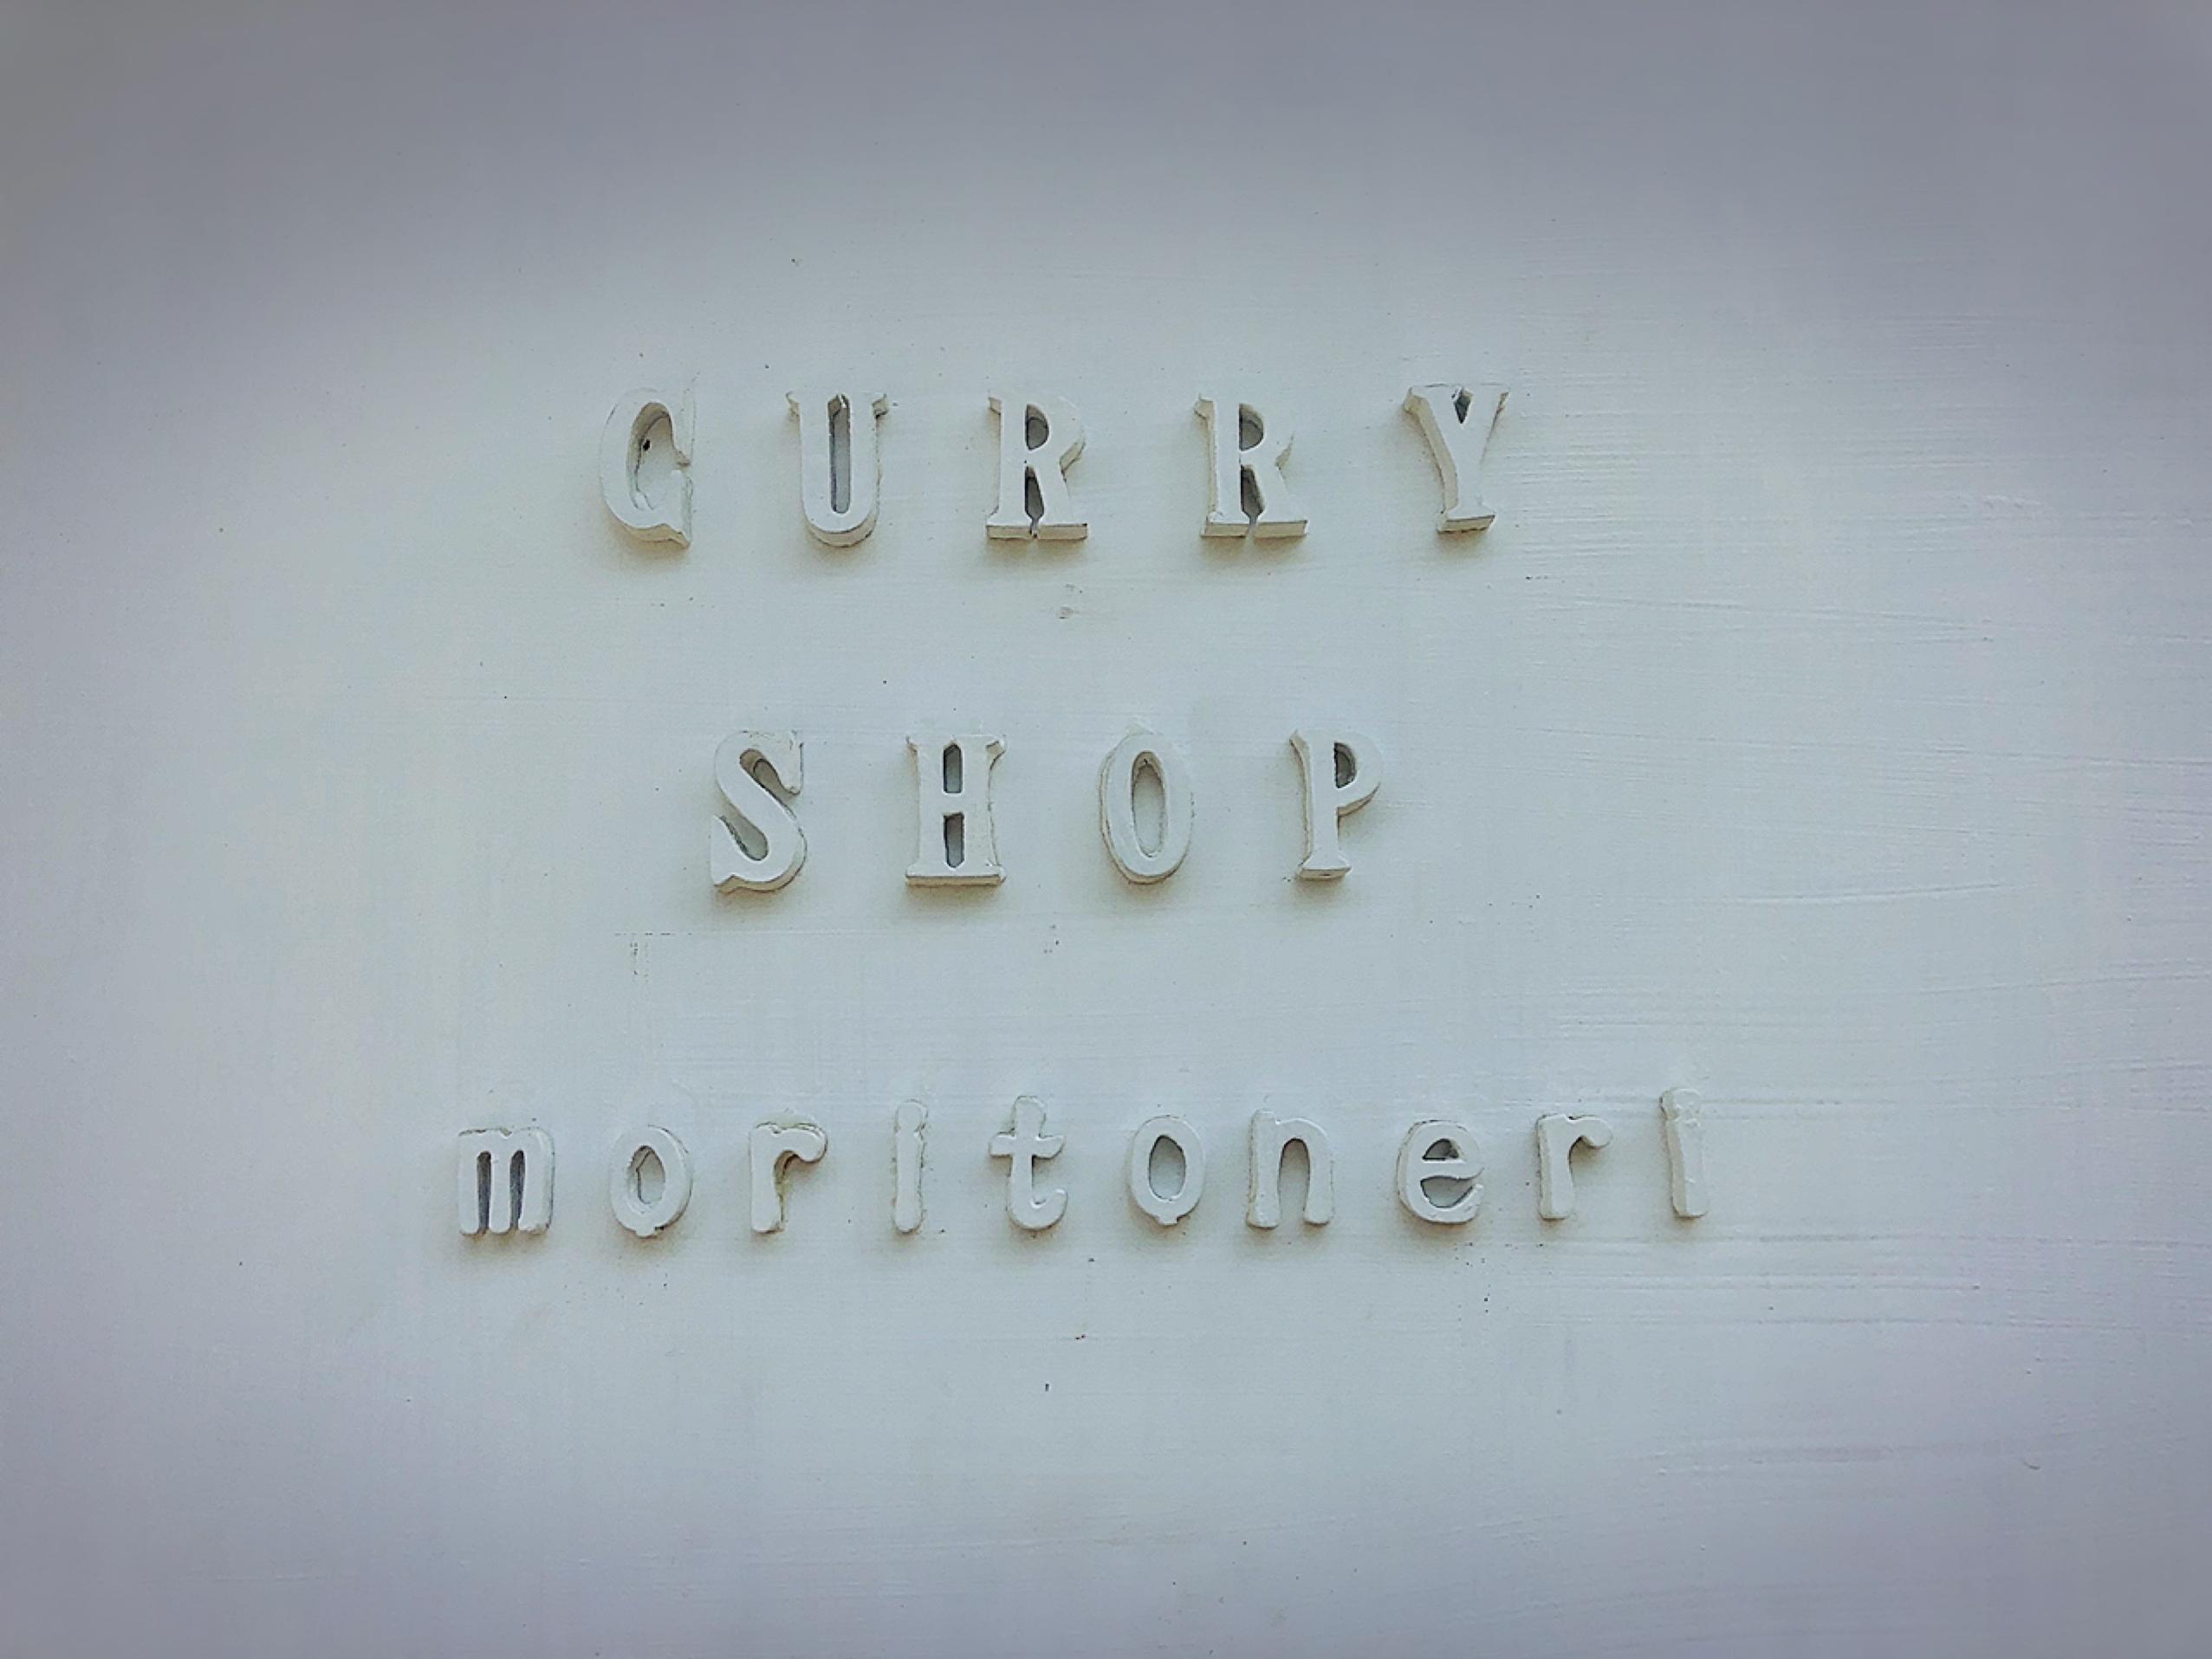 人気のスパイスカレー♪「Curry Shop moritoneri」